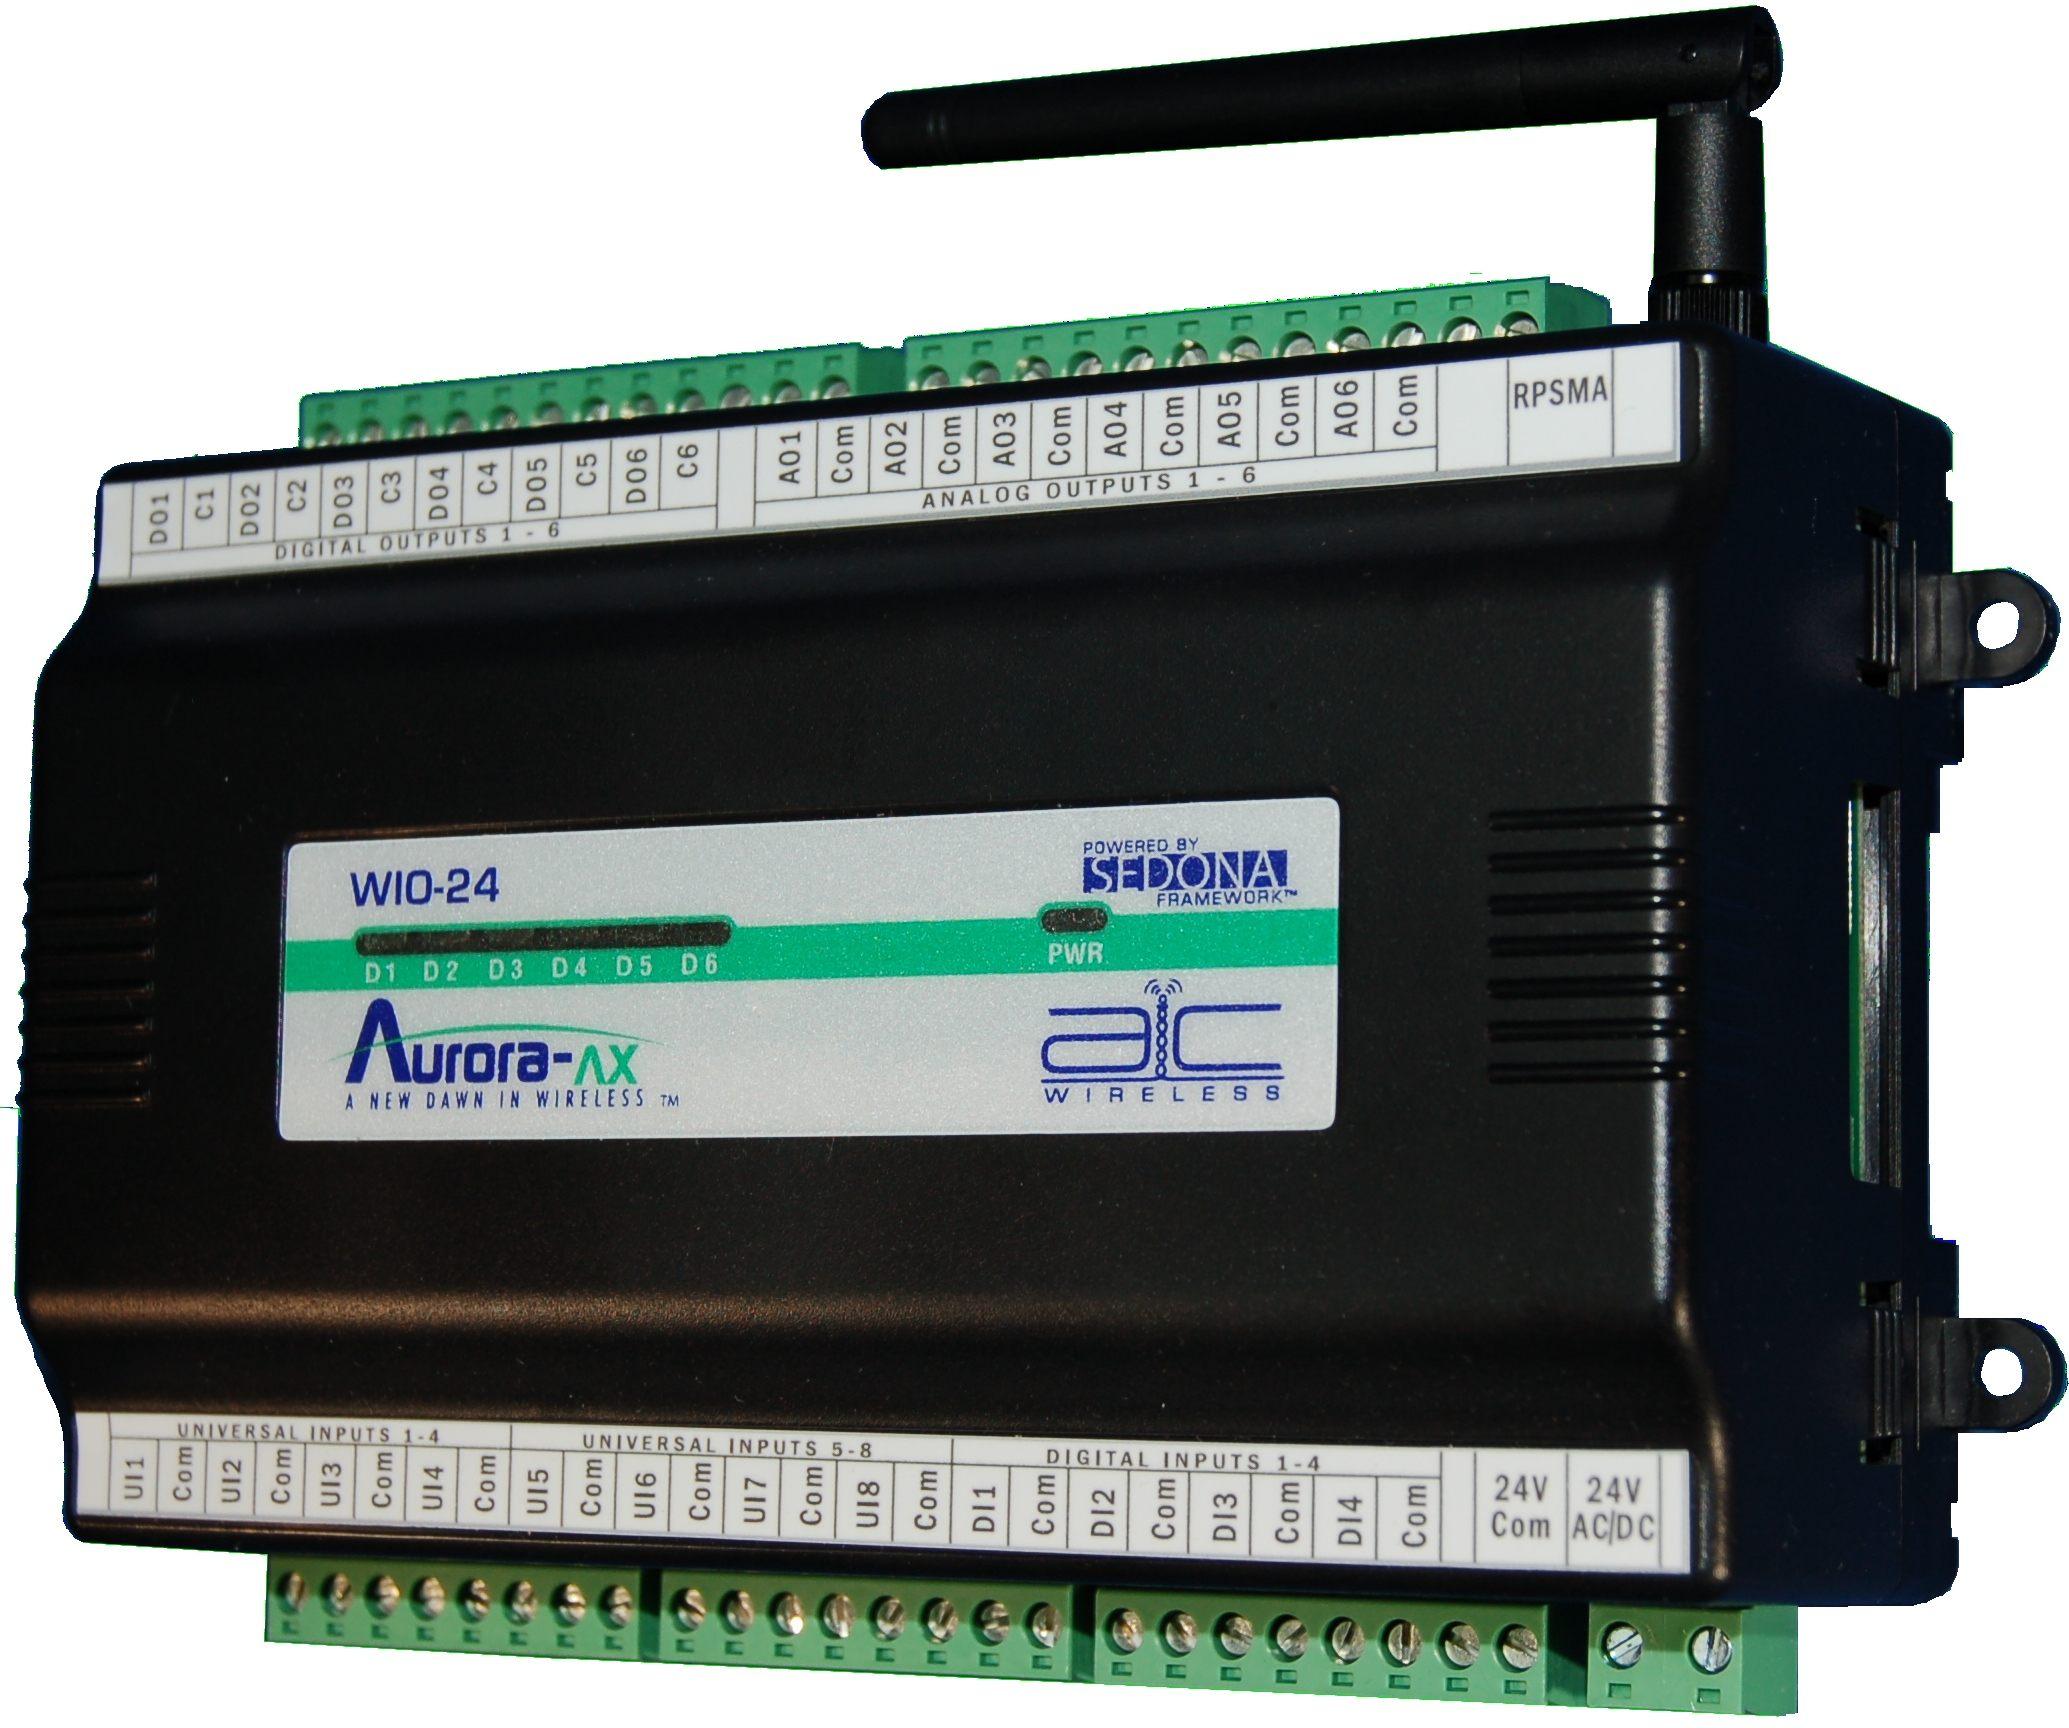 Wio 24 Aurora Ax Ddc Controls Wireless Devices